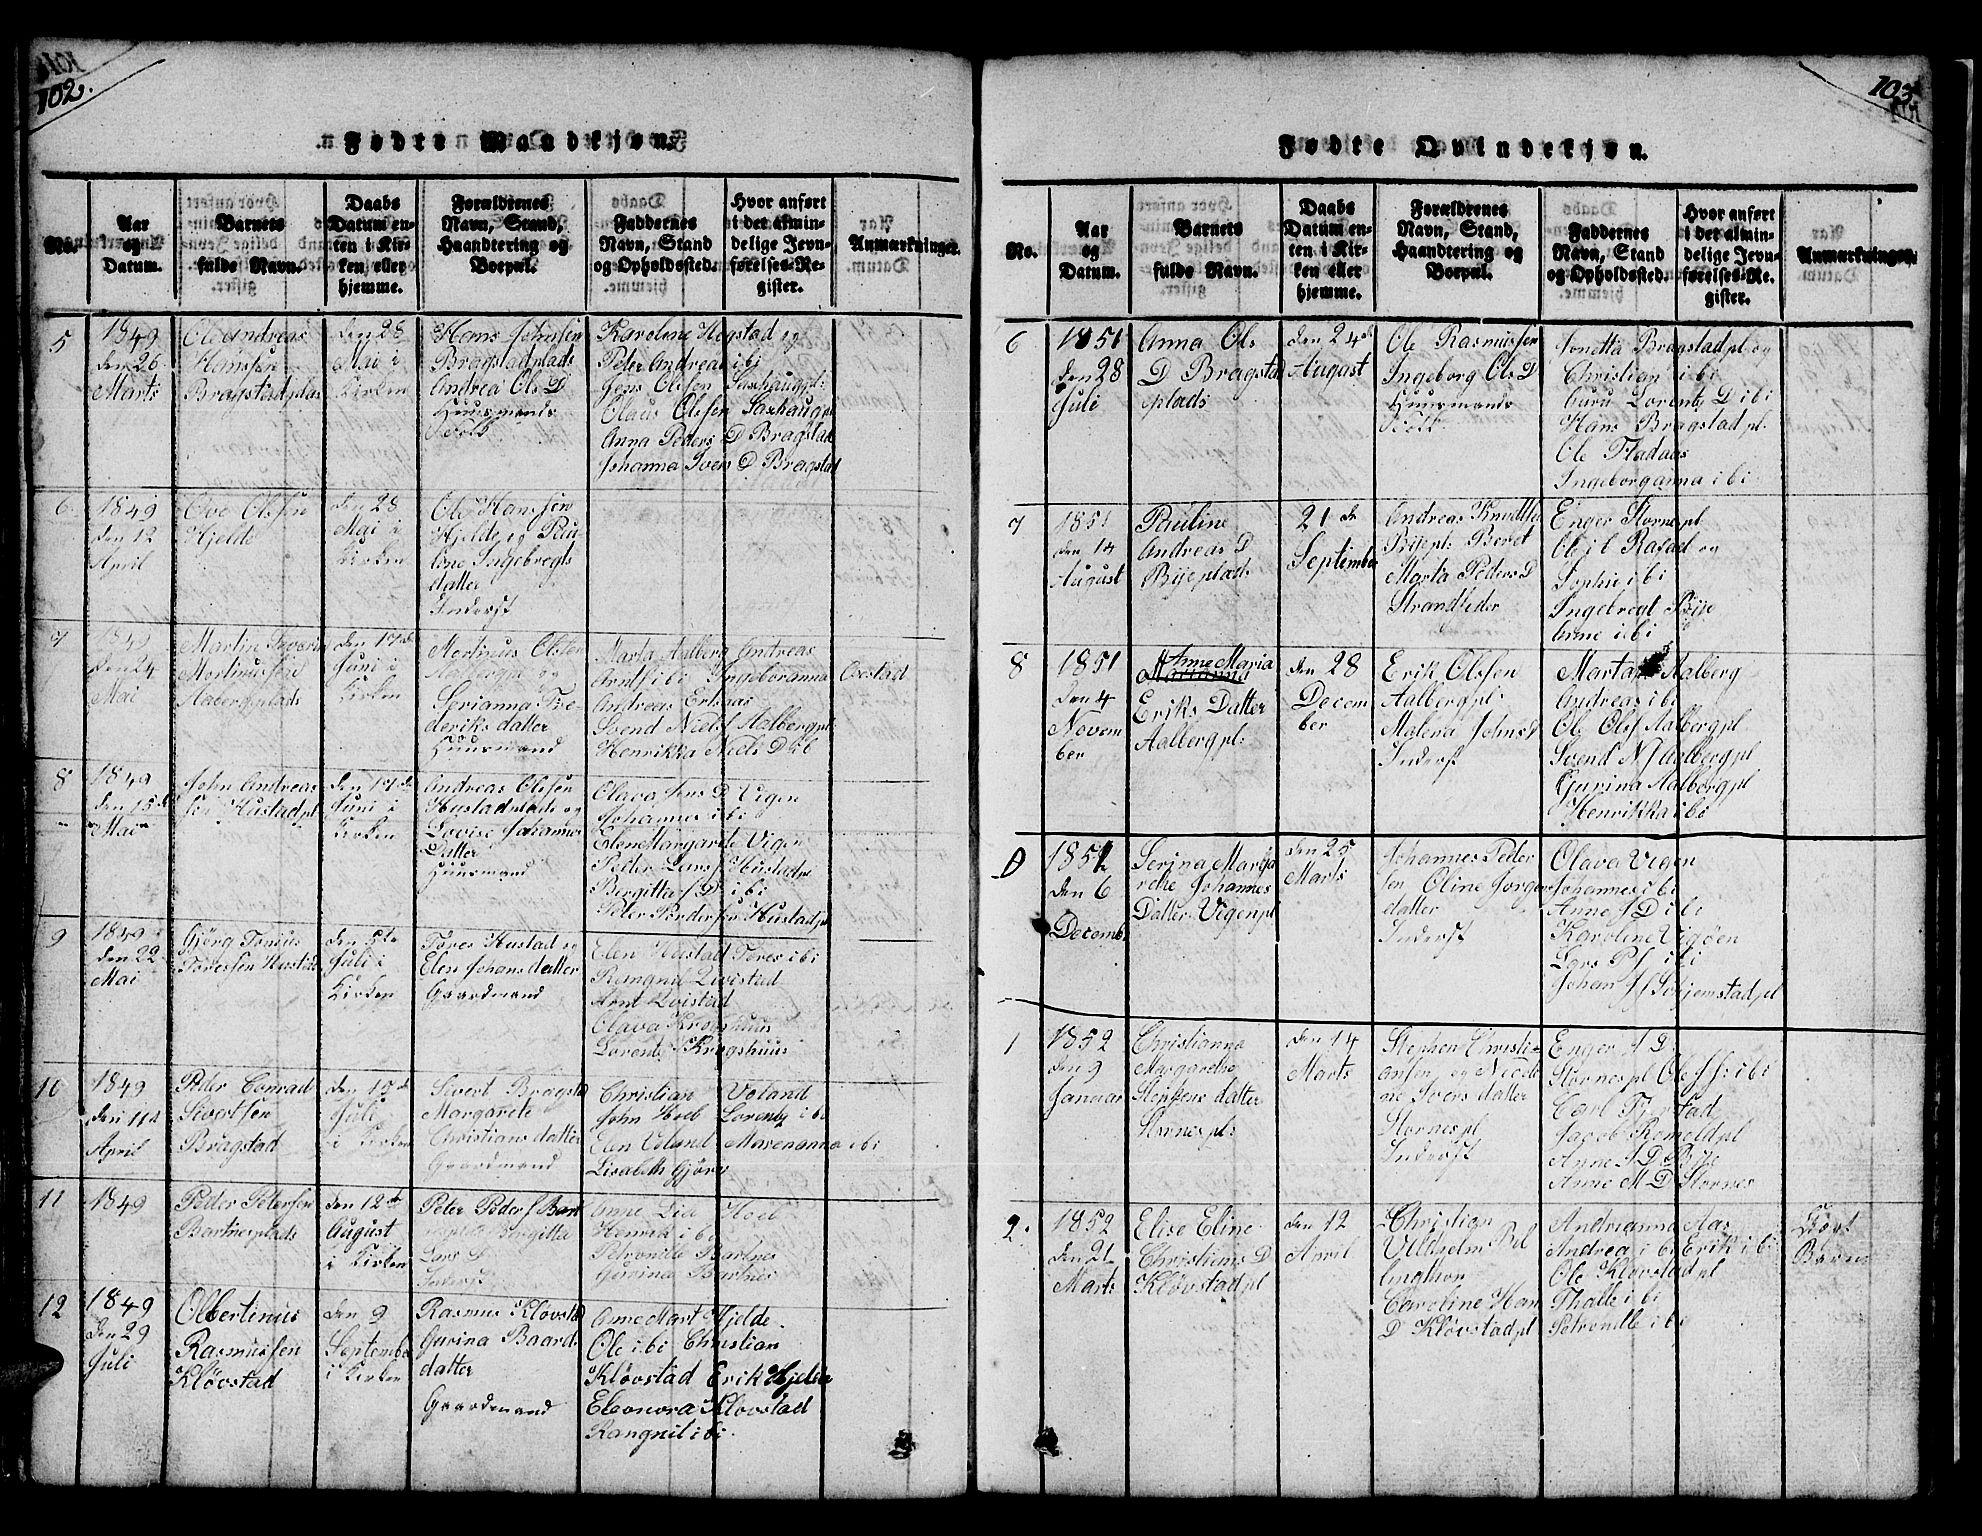 SAT, Ministerialprotokoller, klokkerbøker og fødselsregistre - Nord-Trøndelag, 732/L0317: Klokkerbok nr. 732C01, 1816-1881, s. 102-103